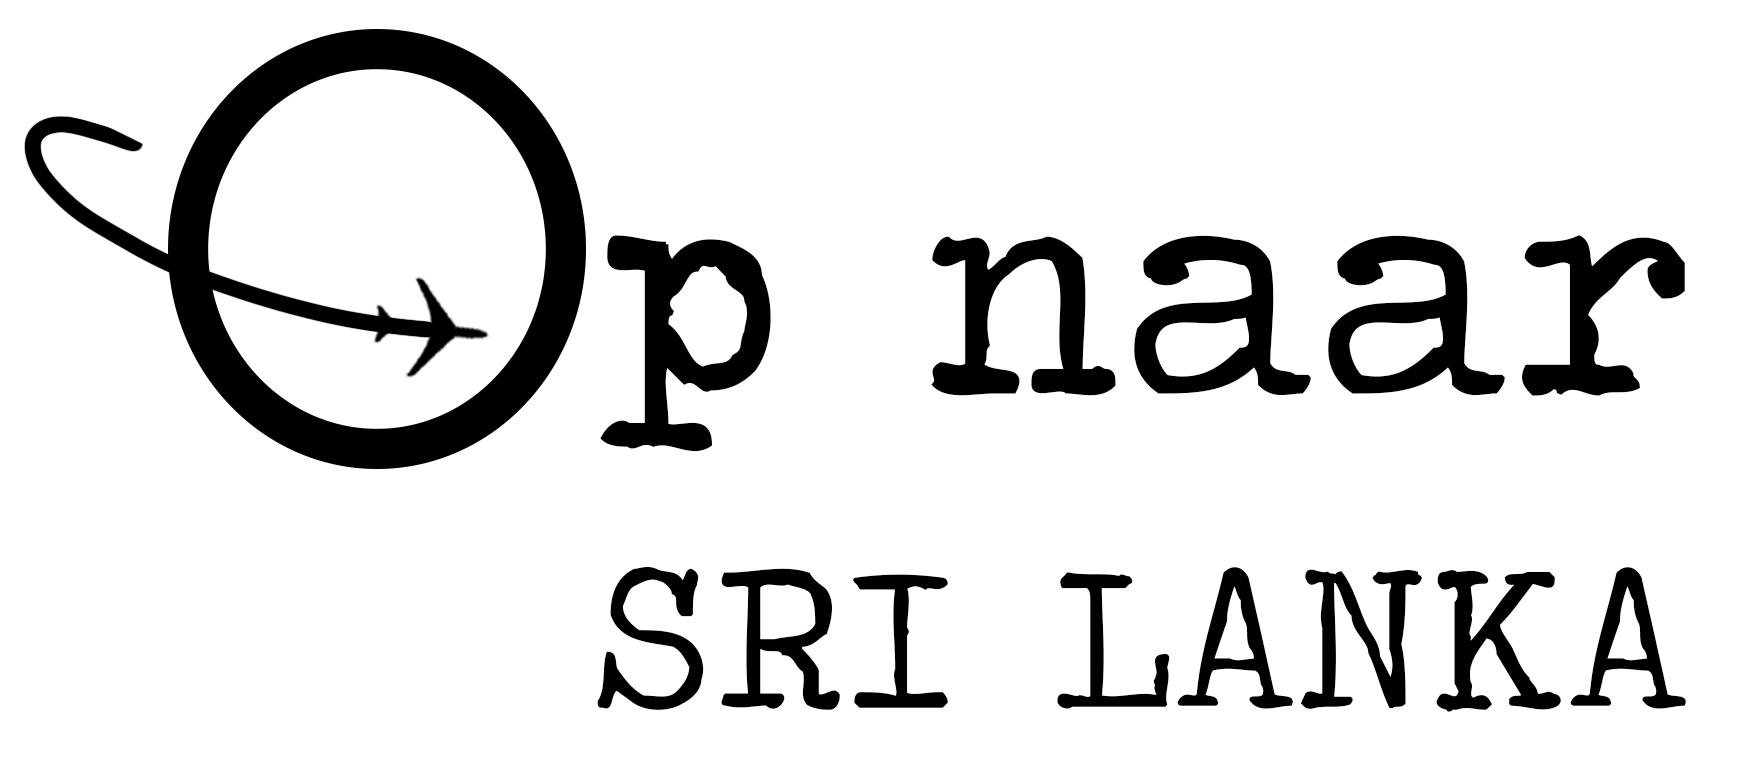 OpNaarSriLanka.nl